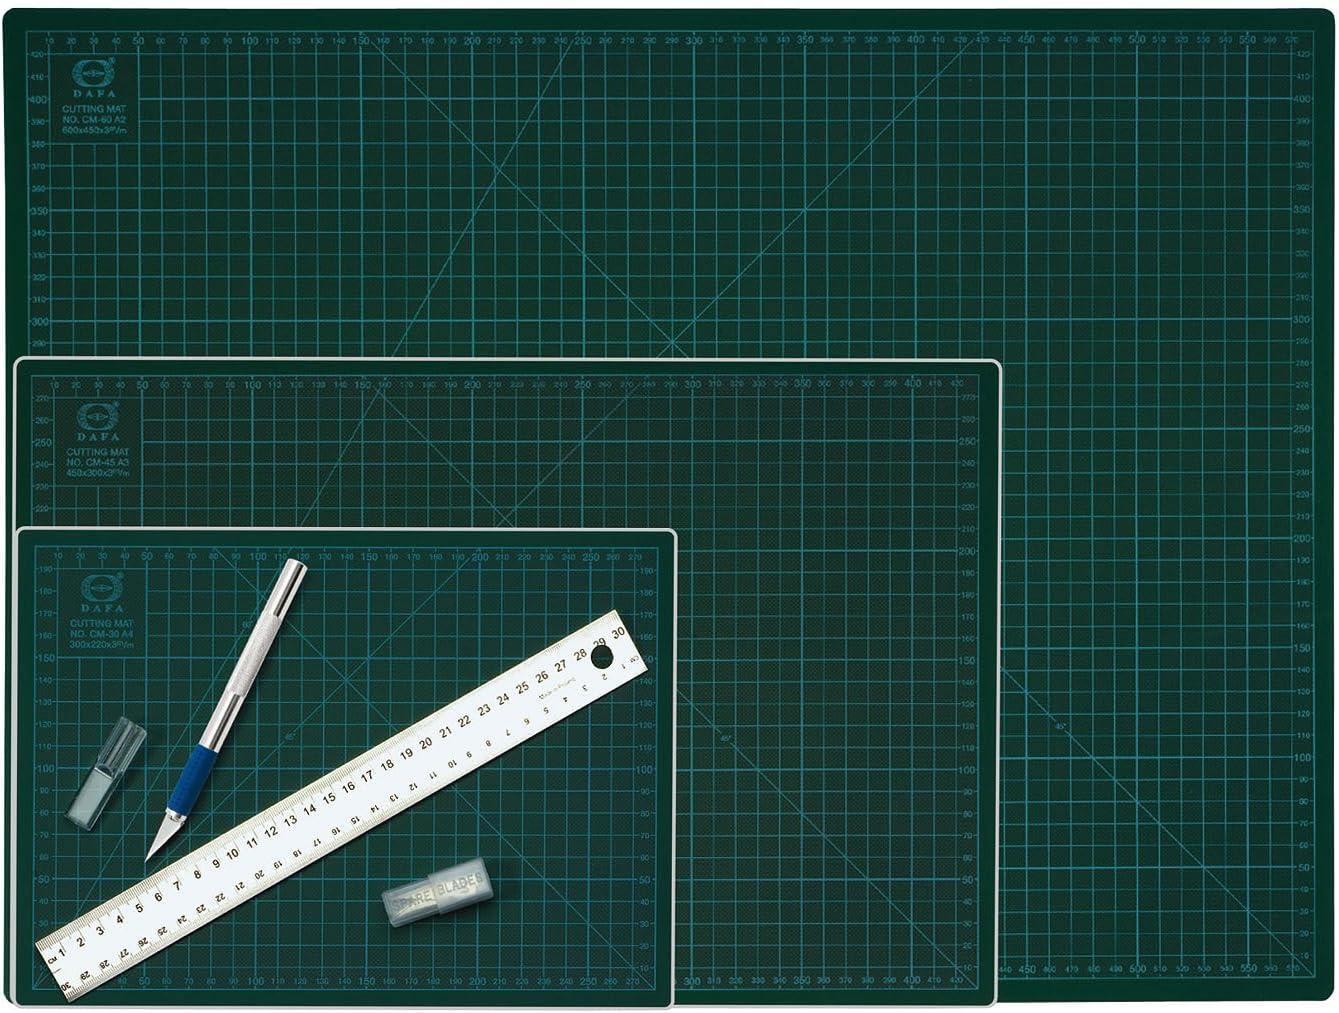 Wedo 79145 Schneideunterlage Cutting Mat A3 silber aus Aluminium CM 45 selbstschlie/ßende Oberfl/äche, 45 x 30 x 0,3 cm gr/ün /& Wedo 78621 Skalpell und Ersatzklingen